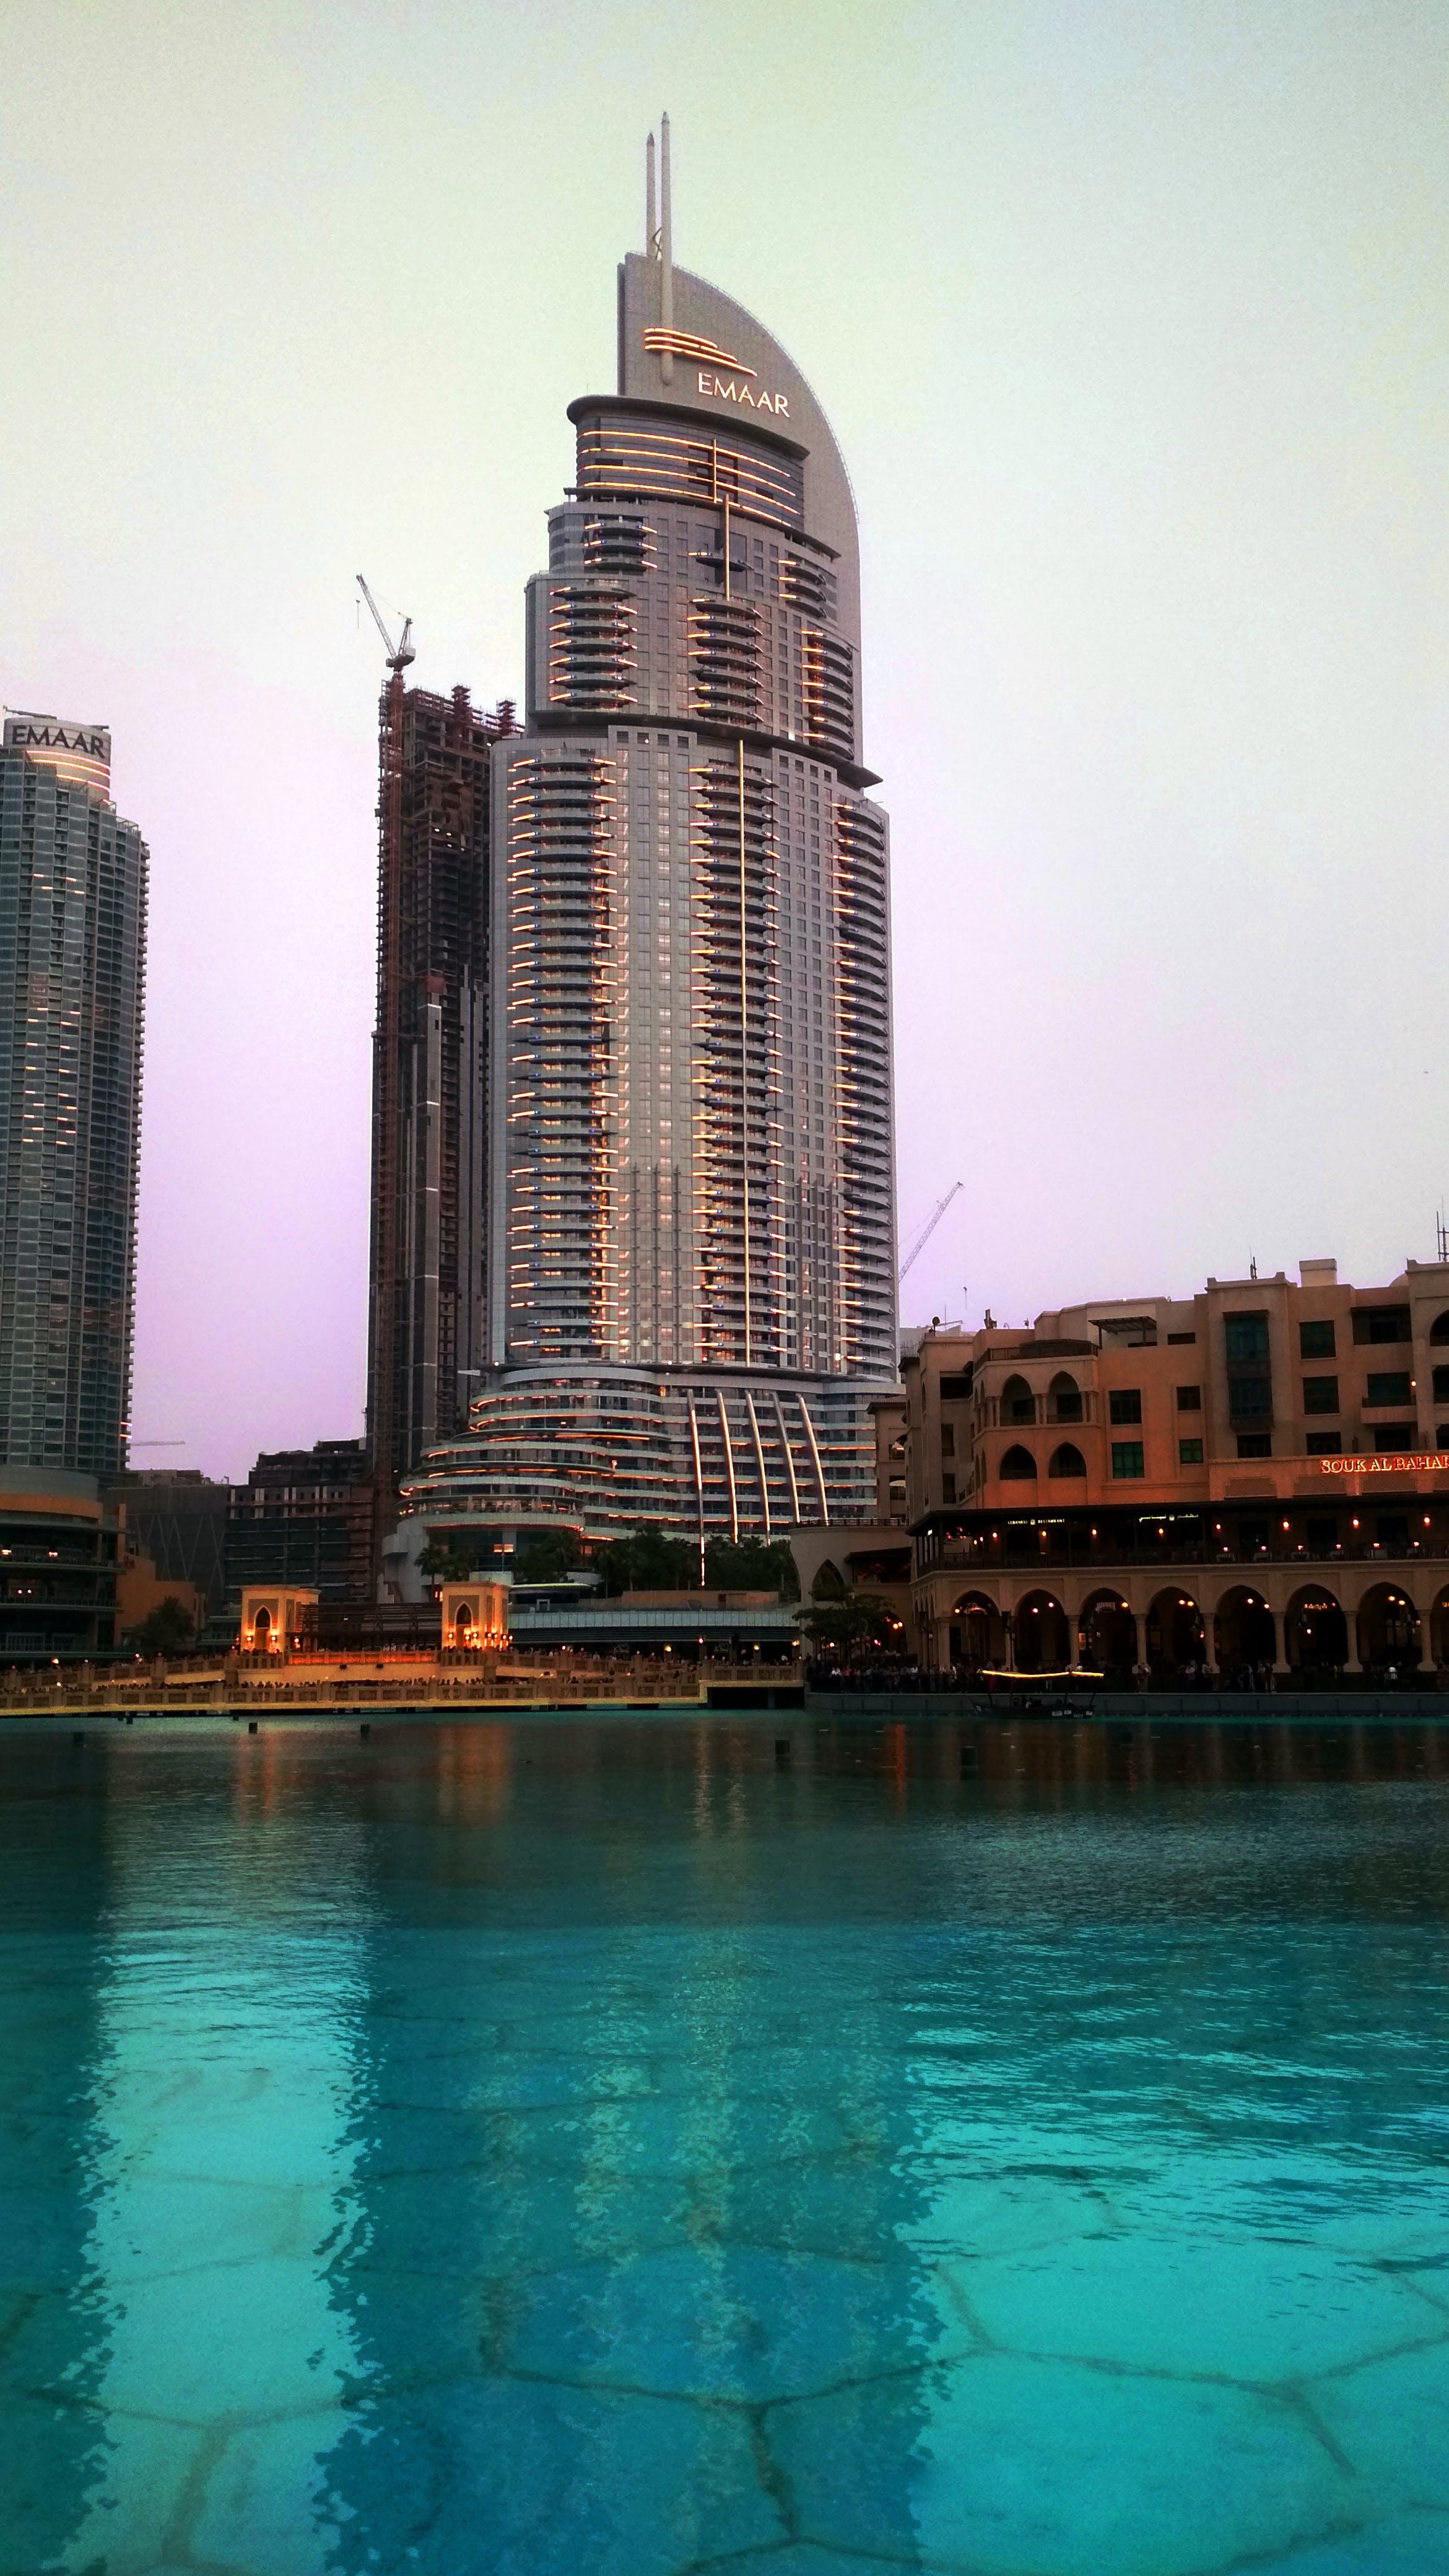 Ingyenes stockfotó alacsony szögű felvétel, belváros, ég, emaar témában